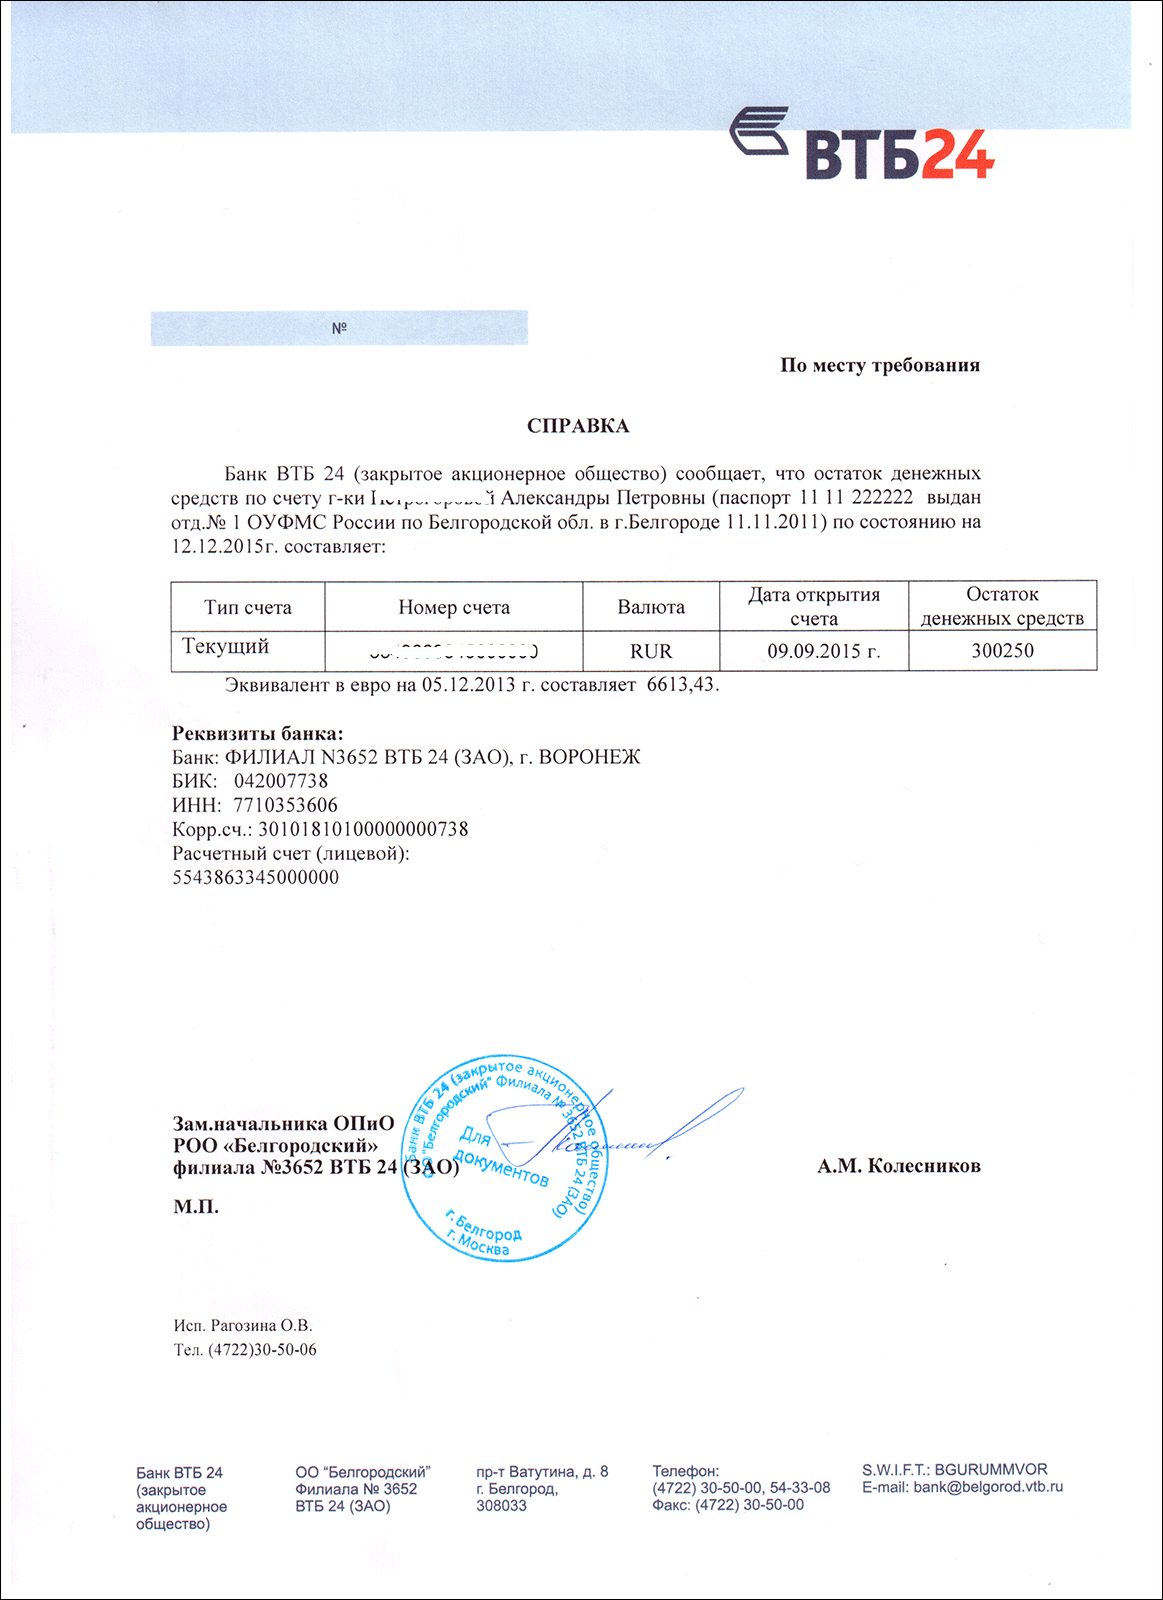 Справка о закрытии кредитного счета образец